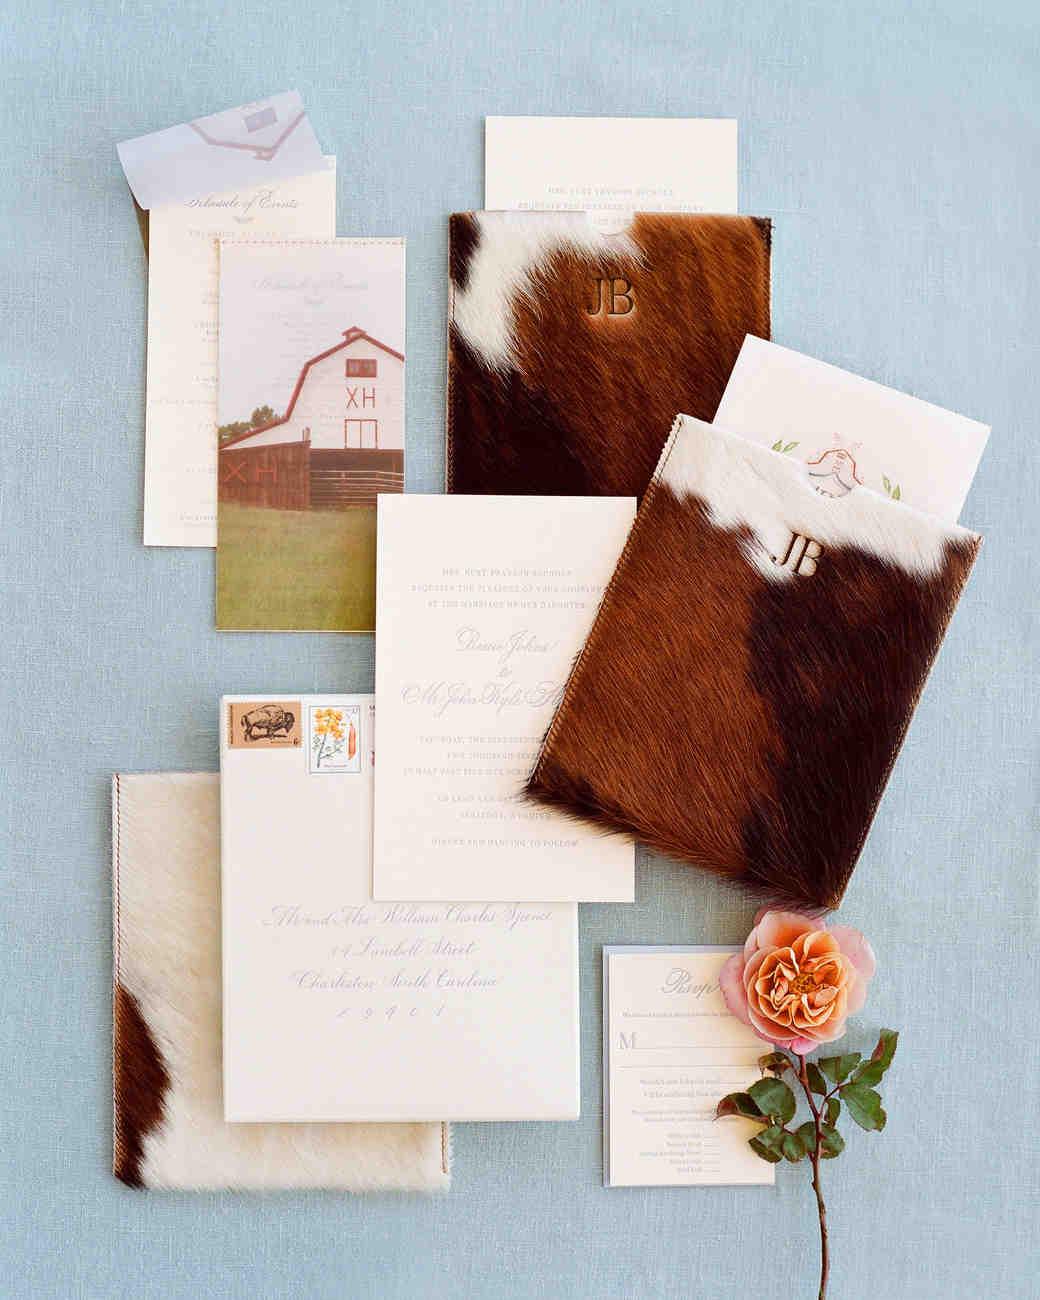 bessie john wedding invitation